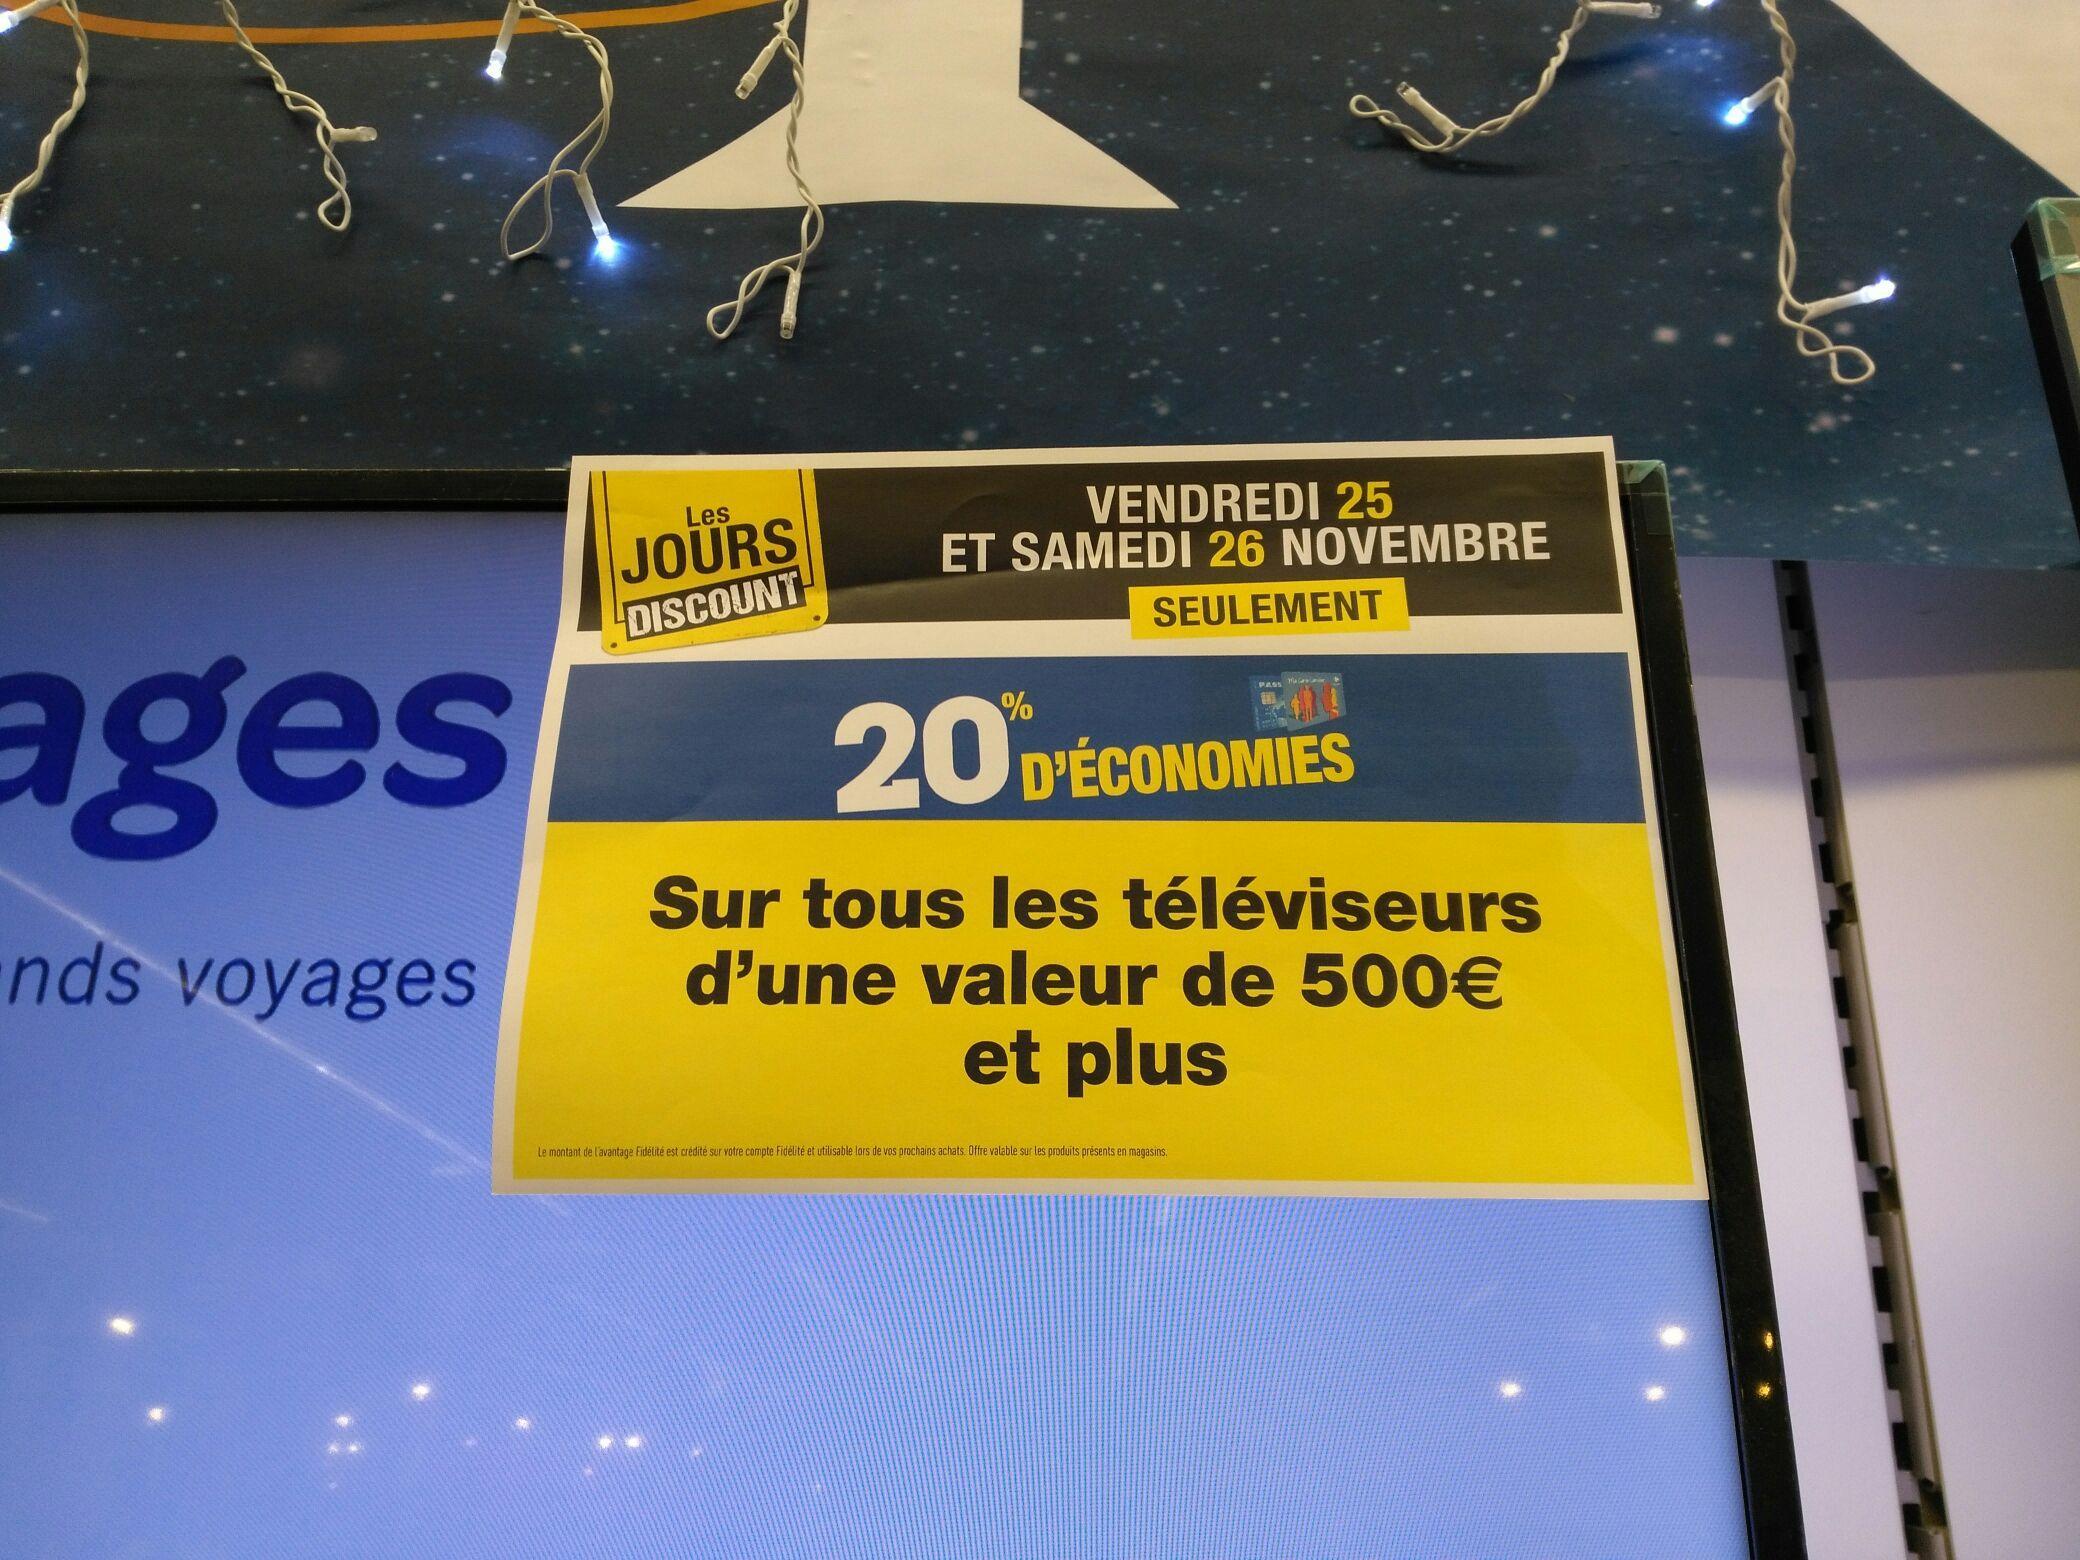 20% crédités sur la carte de fidélité sur les TV (de plus de 500€)